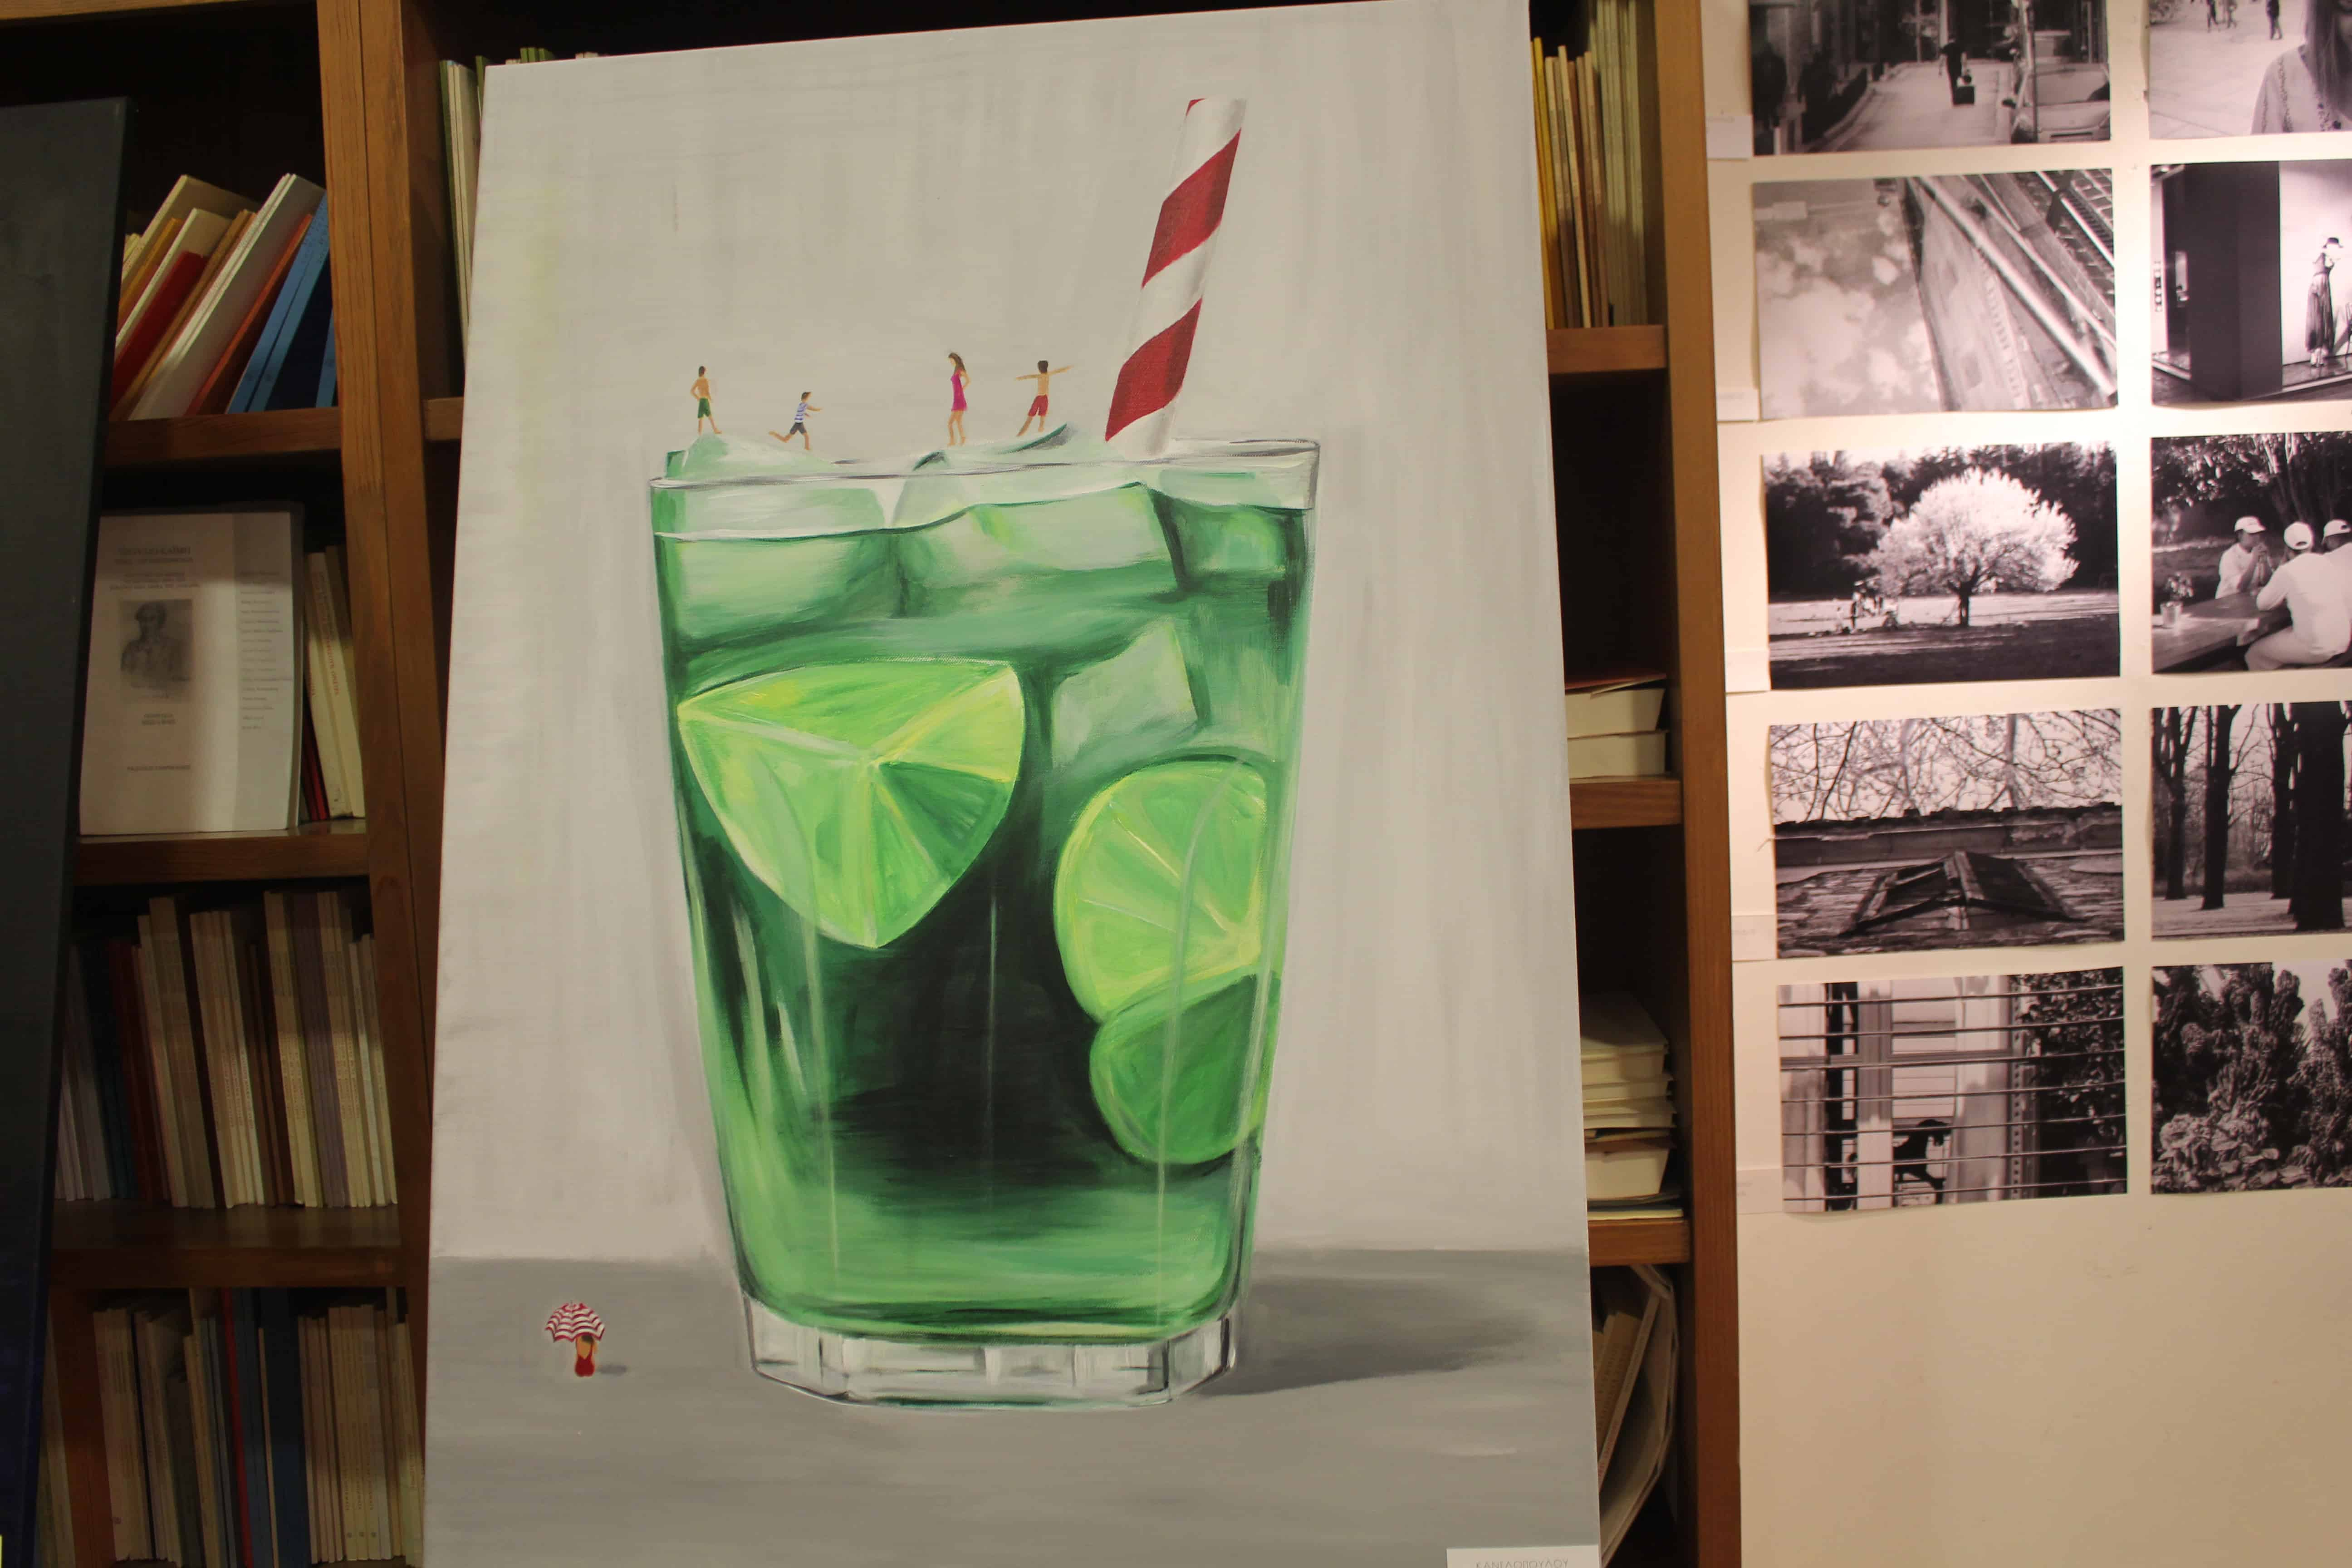 Το Σπίρτο: Καλλιτεχνικό εργαστήρι για μουσική, εικαστικά και μοντέρνες τέχνες 11